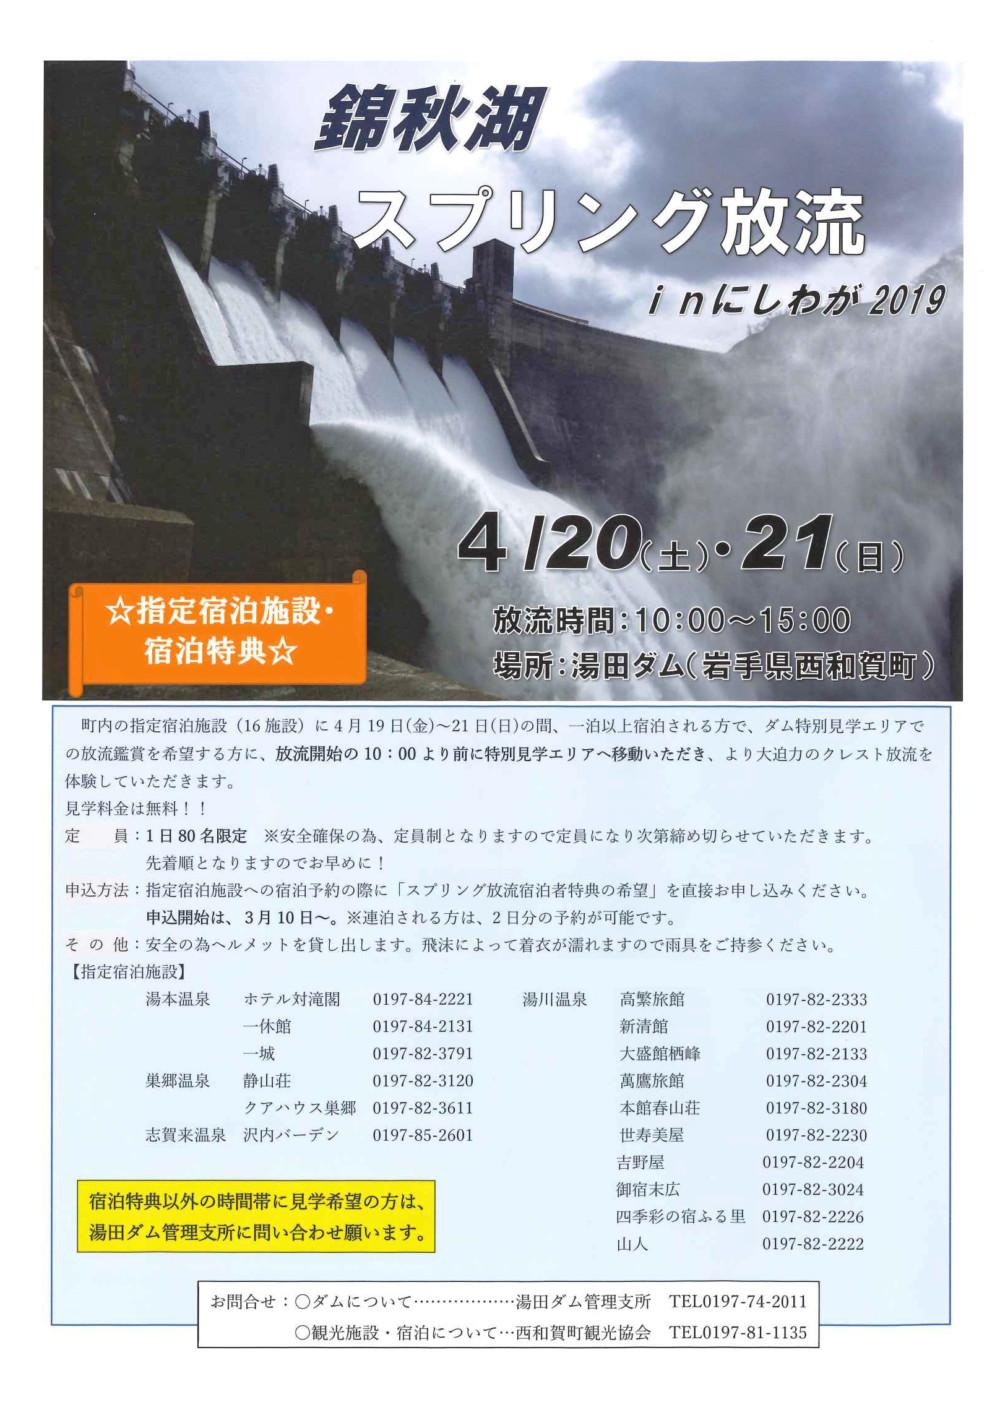 錦秋湖スプリング放流inにしわが2019